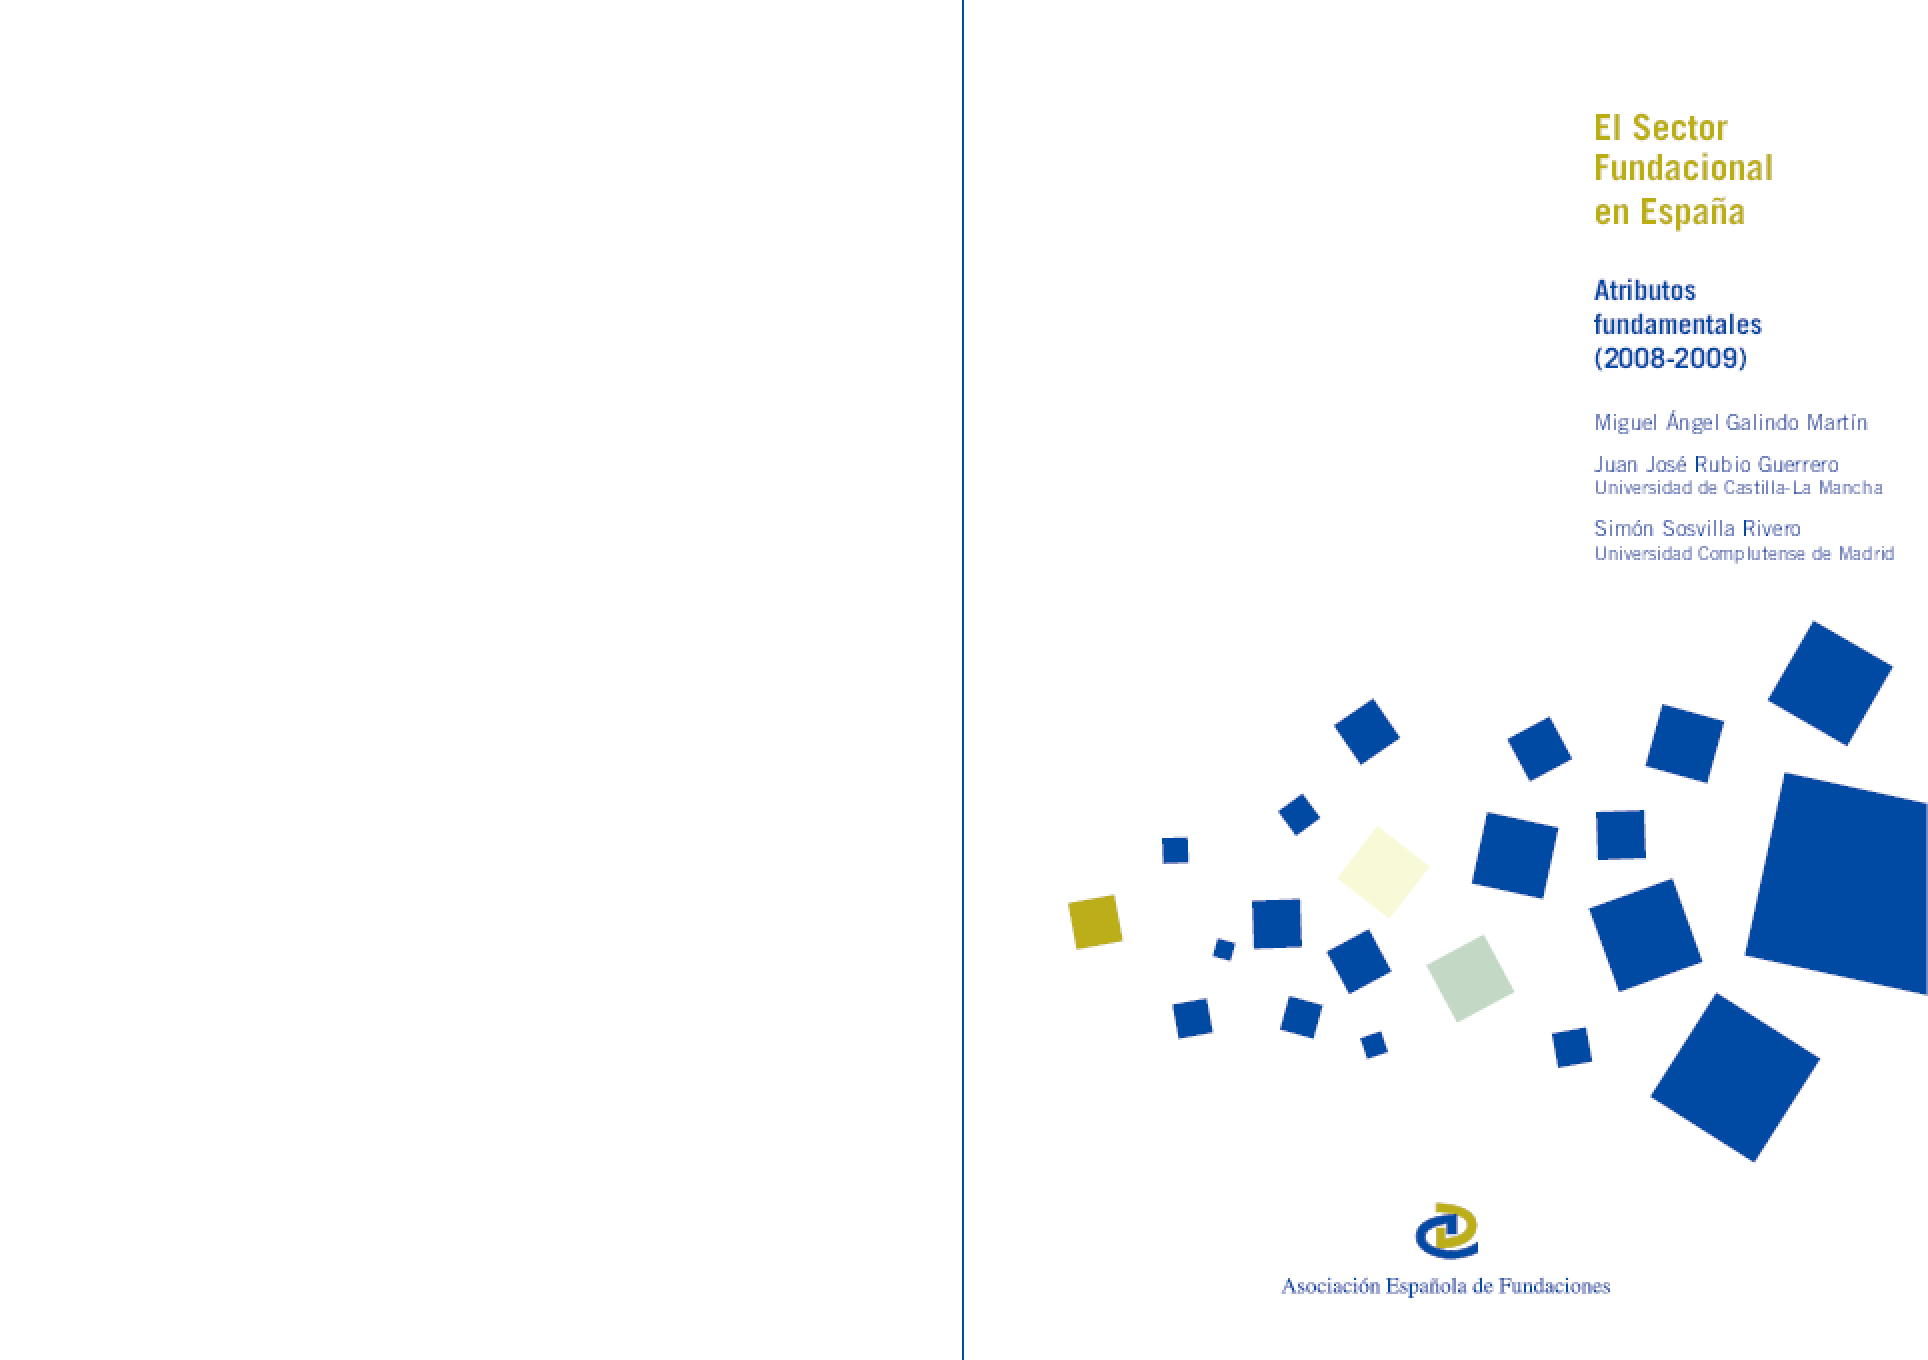 El Sector Fundacional en Espana: Atributos fundamentales (2008-2009)